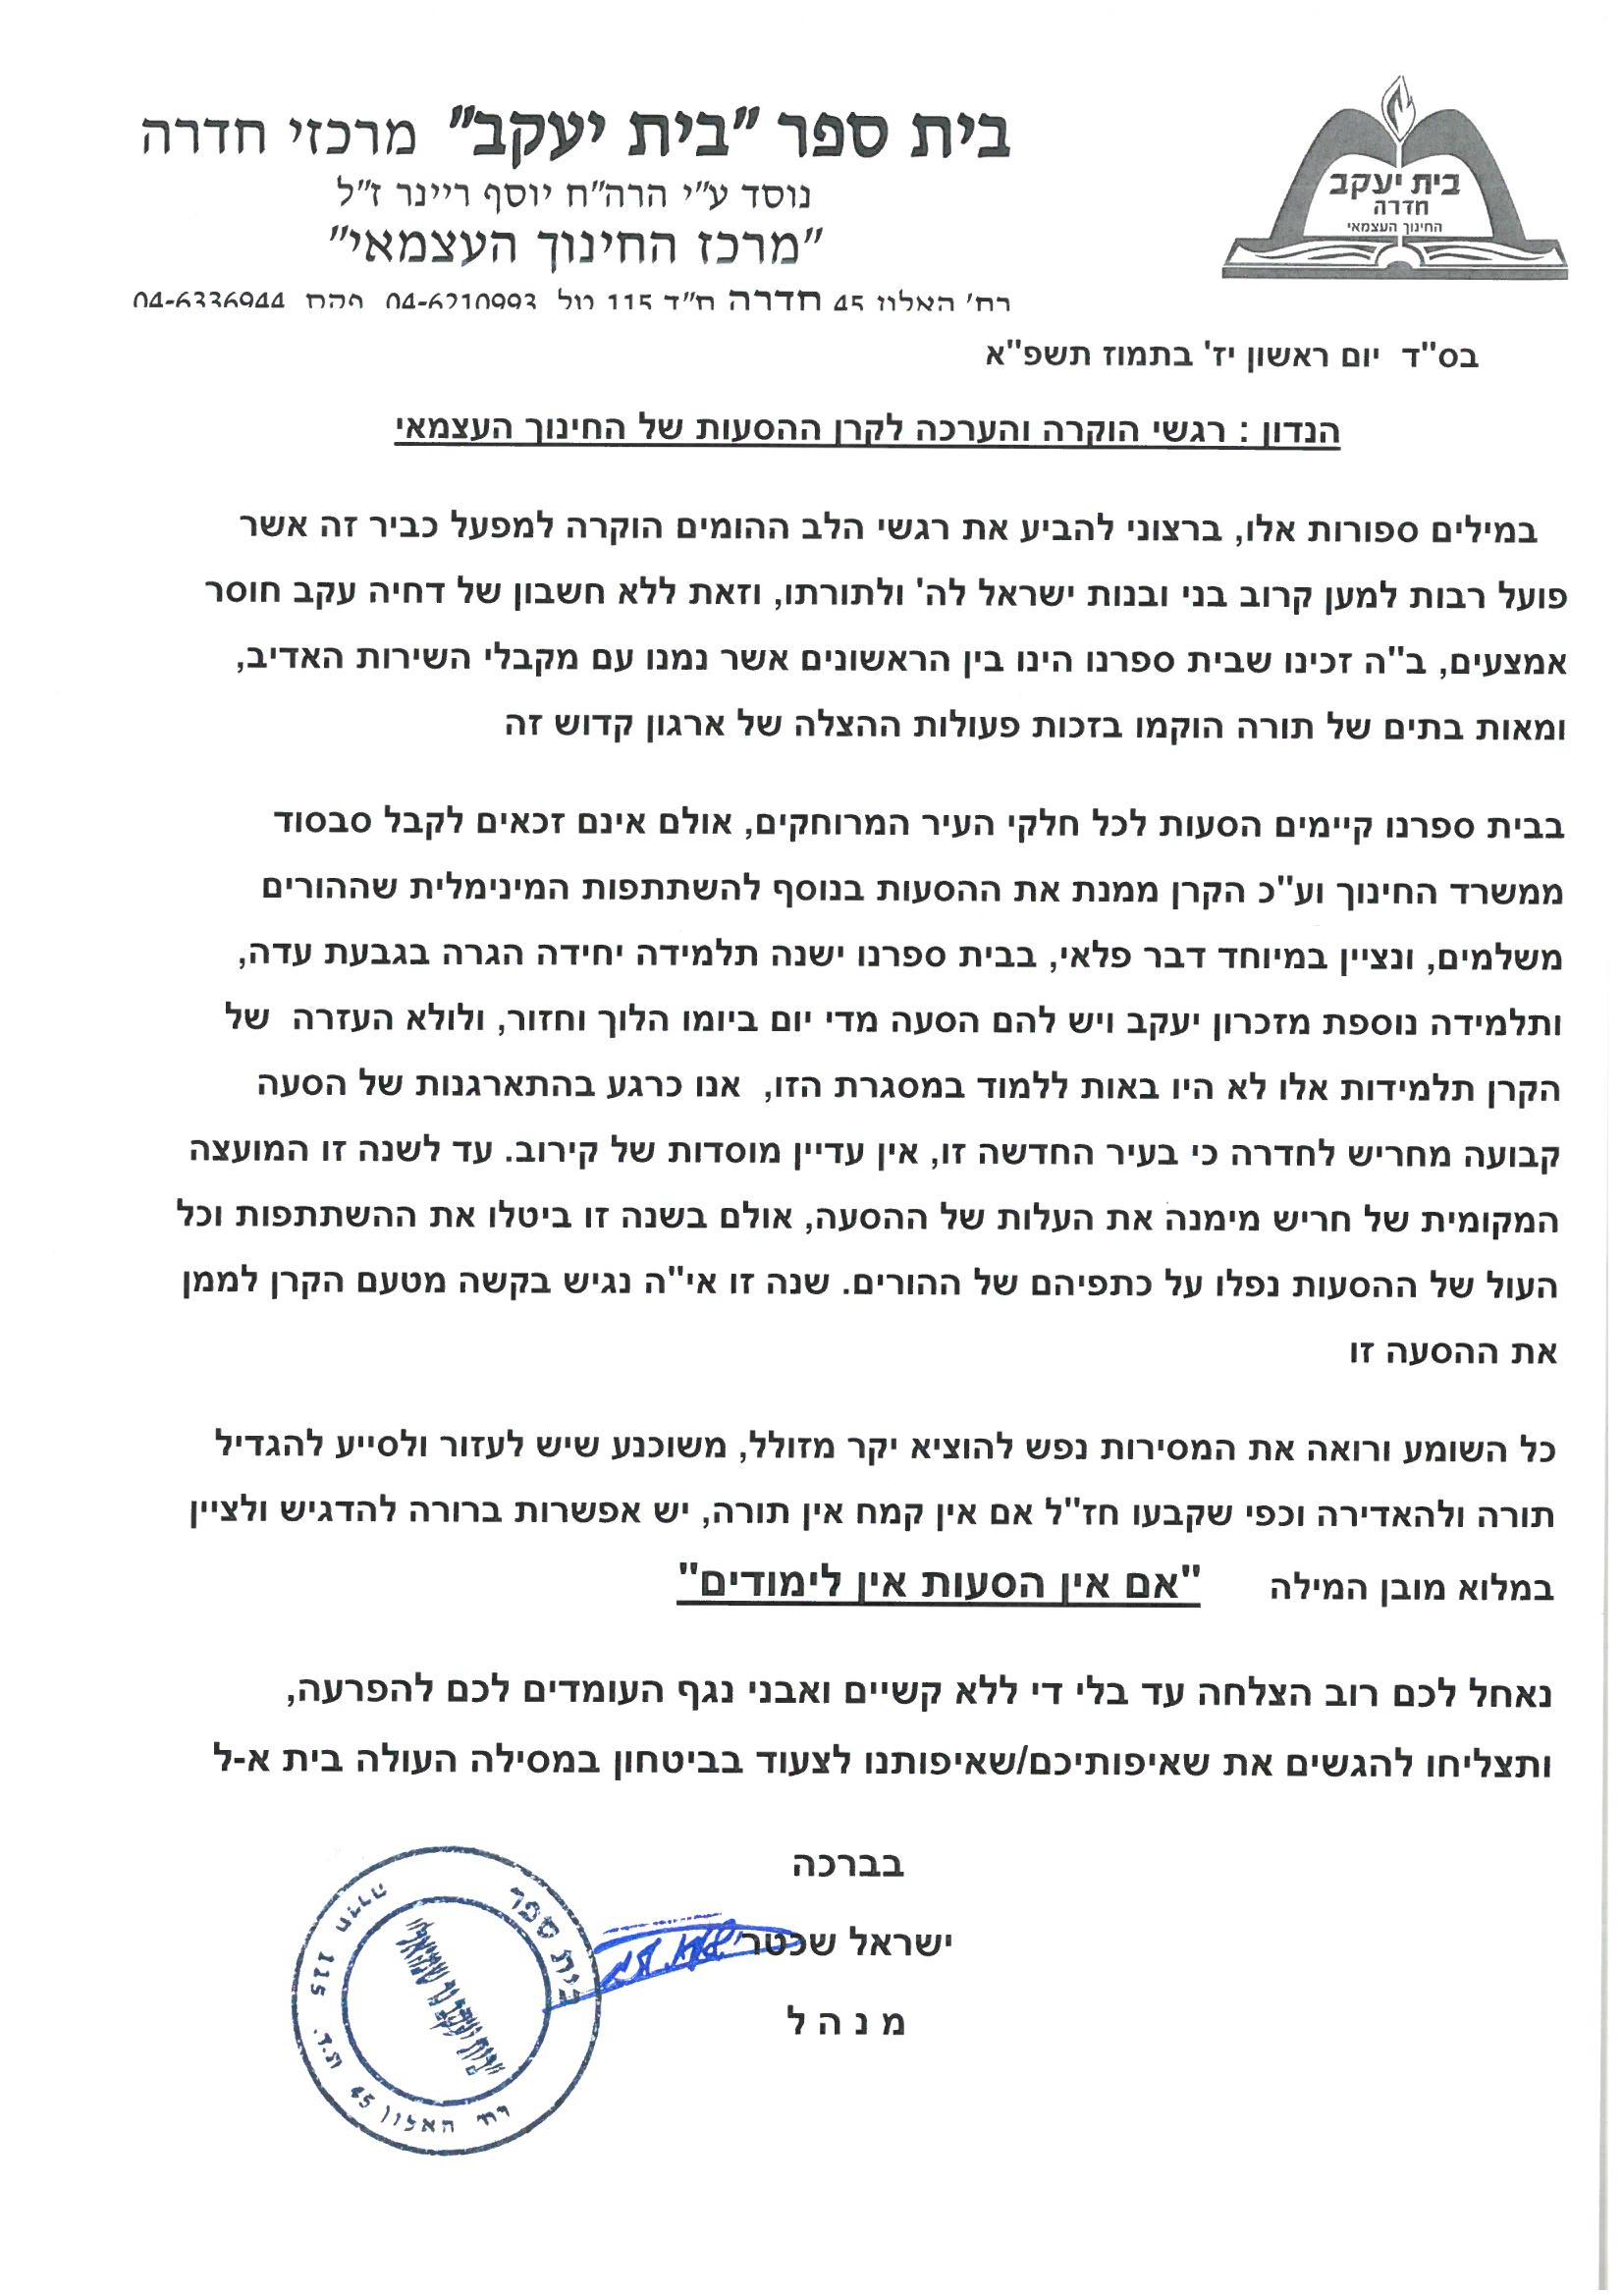 תשפא מכתב נר שמואל חדרה (2)